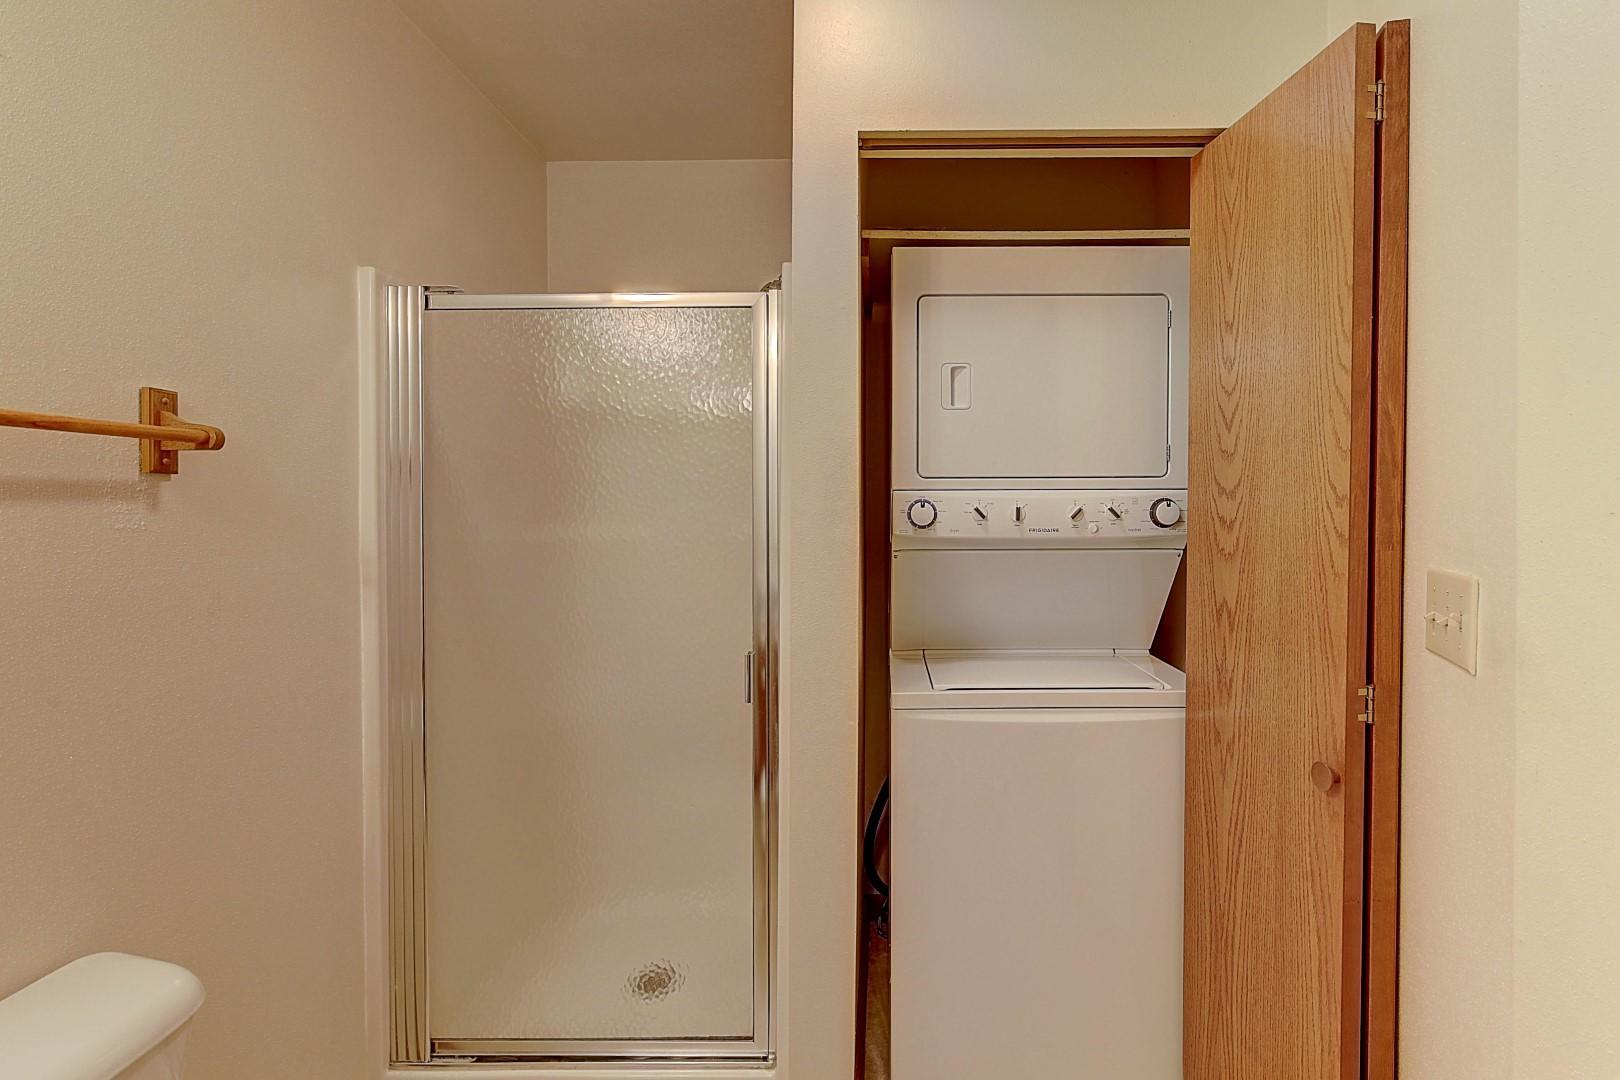 Washer/Dryer in Bath 2